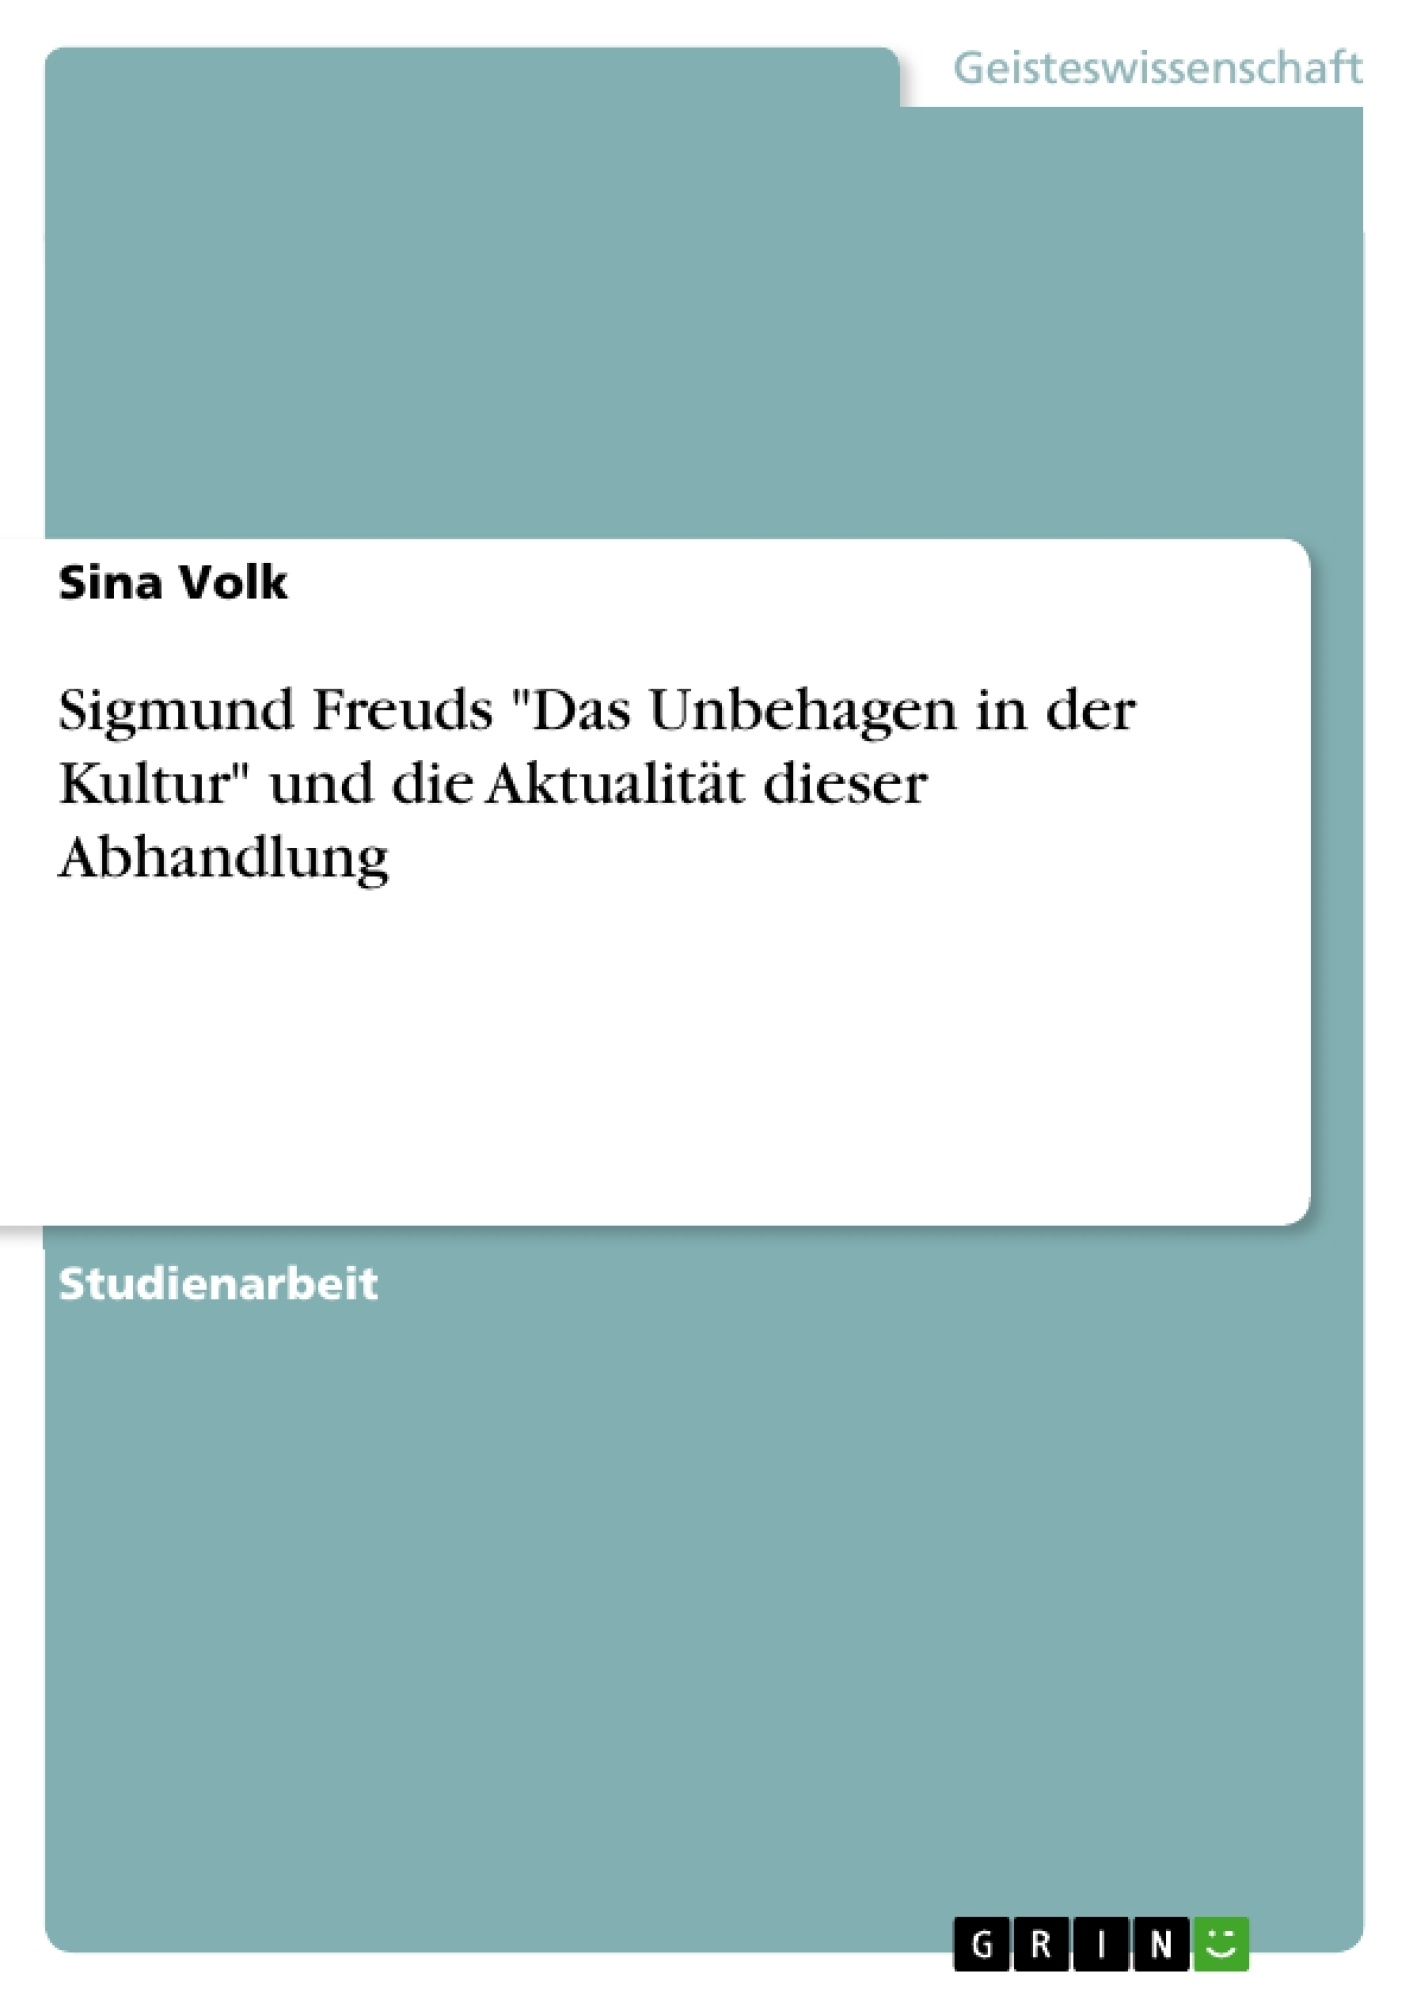 """Titel: Sigmund Freuds """"Das Unbehagen in der Kultur"""" und die Aktualität dieser Abhandlung"""